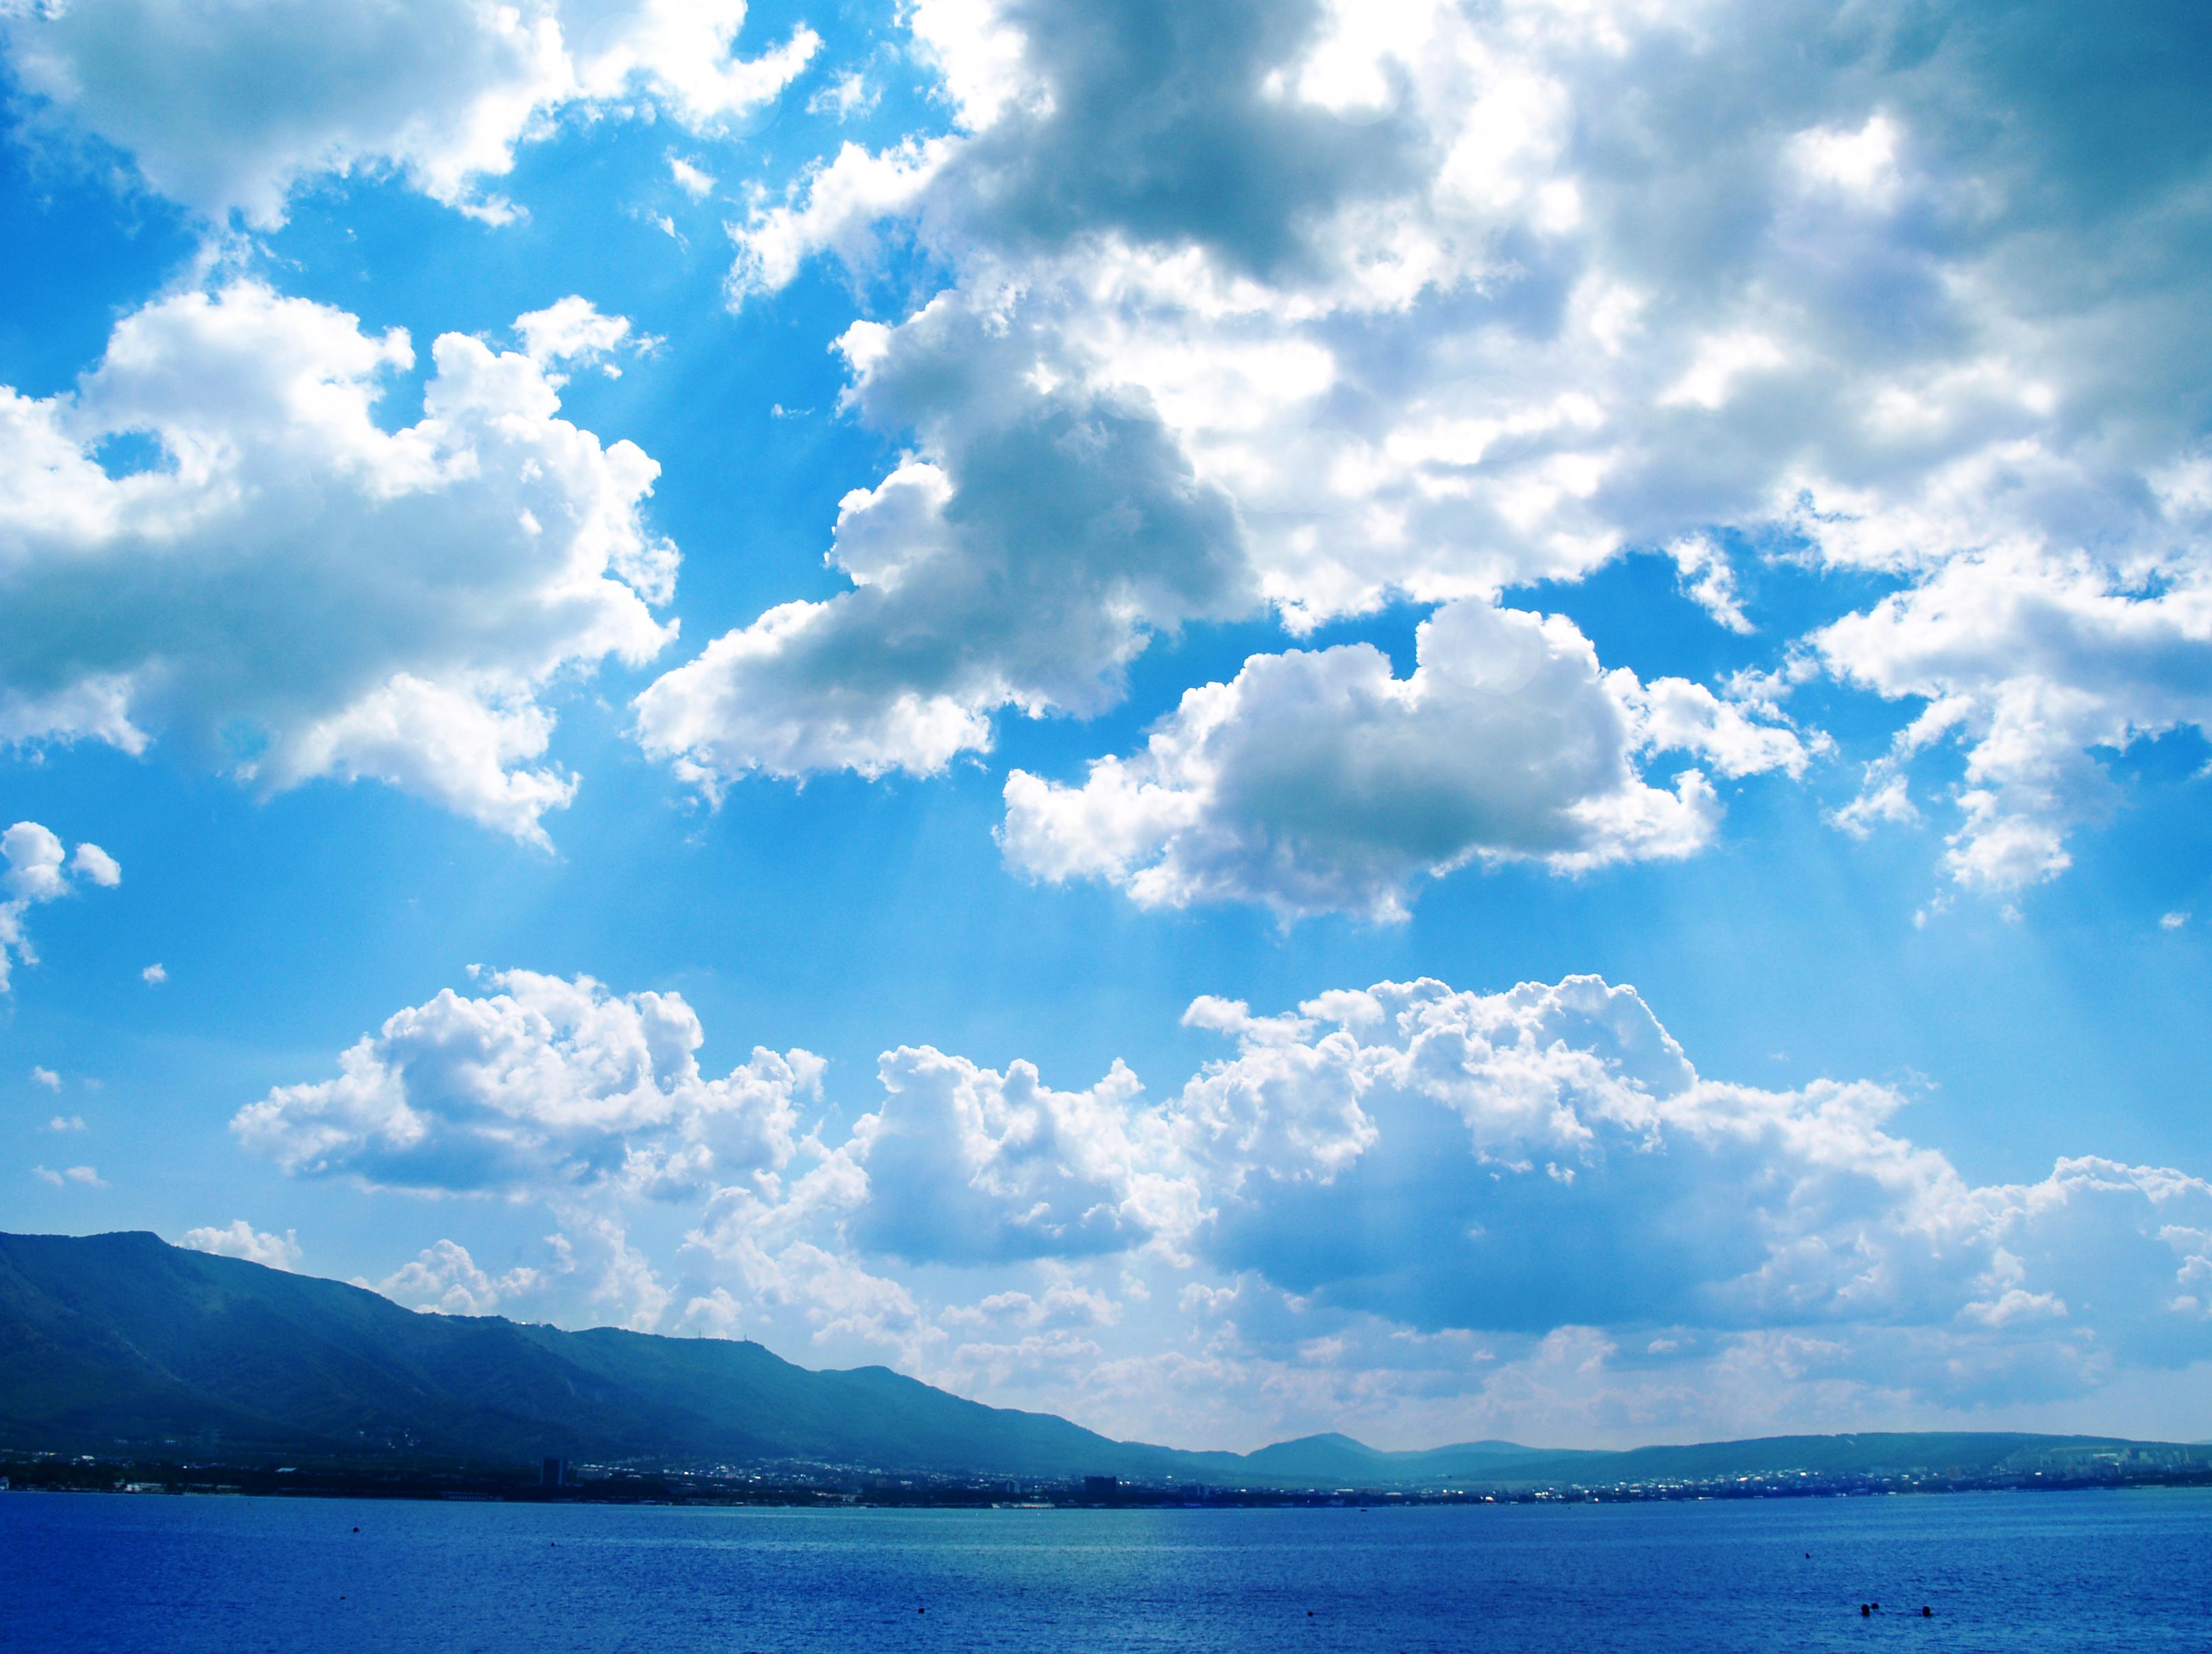 популярность фото неба очень высокого качества часть фотографирования